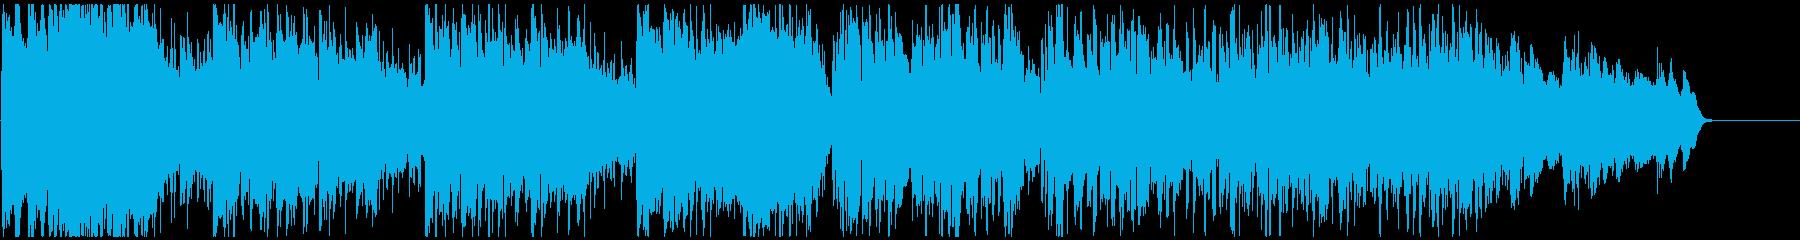 怪盗系ハードボイルドジャズ ※60秒版の再生済みの波形